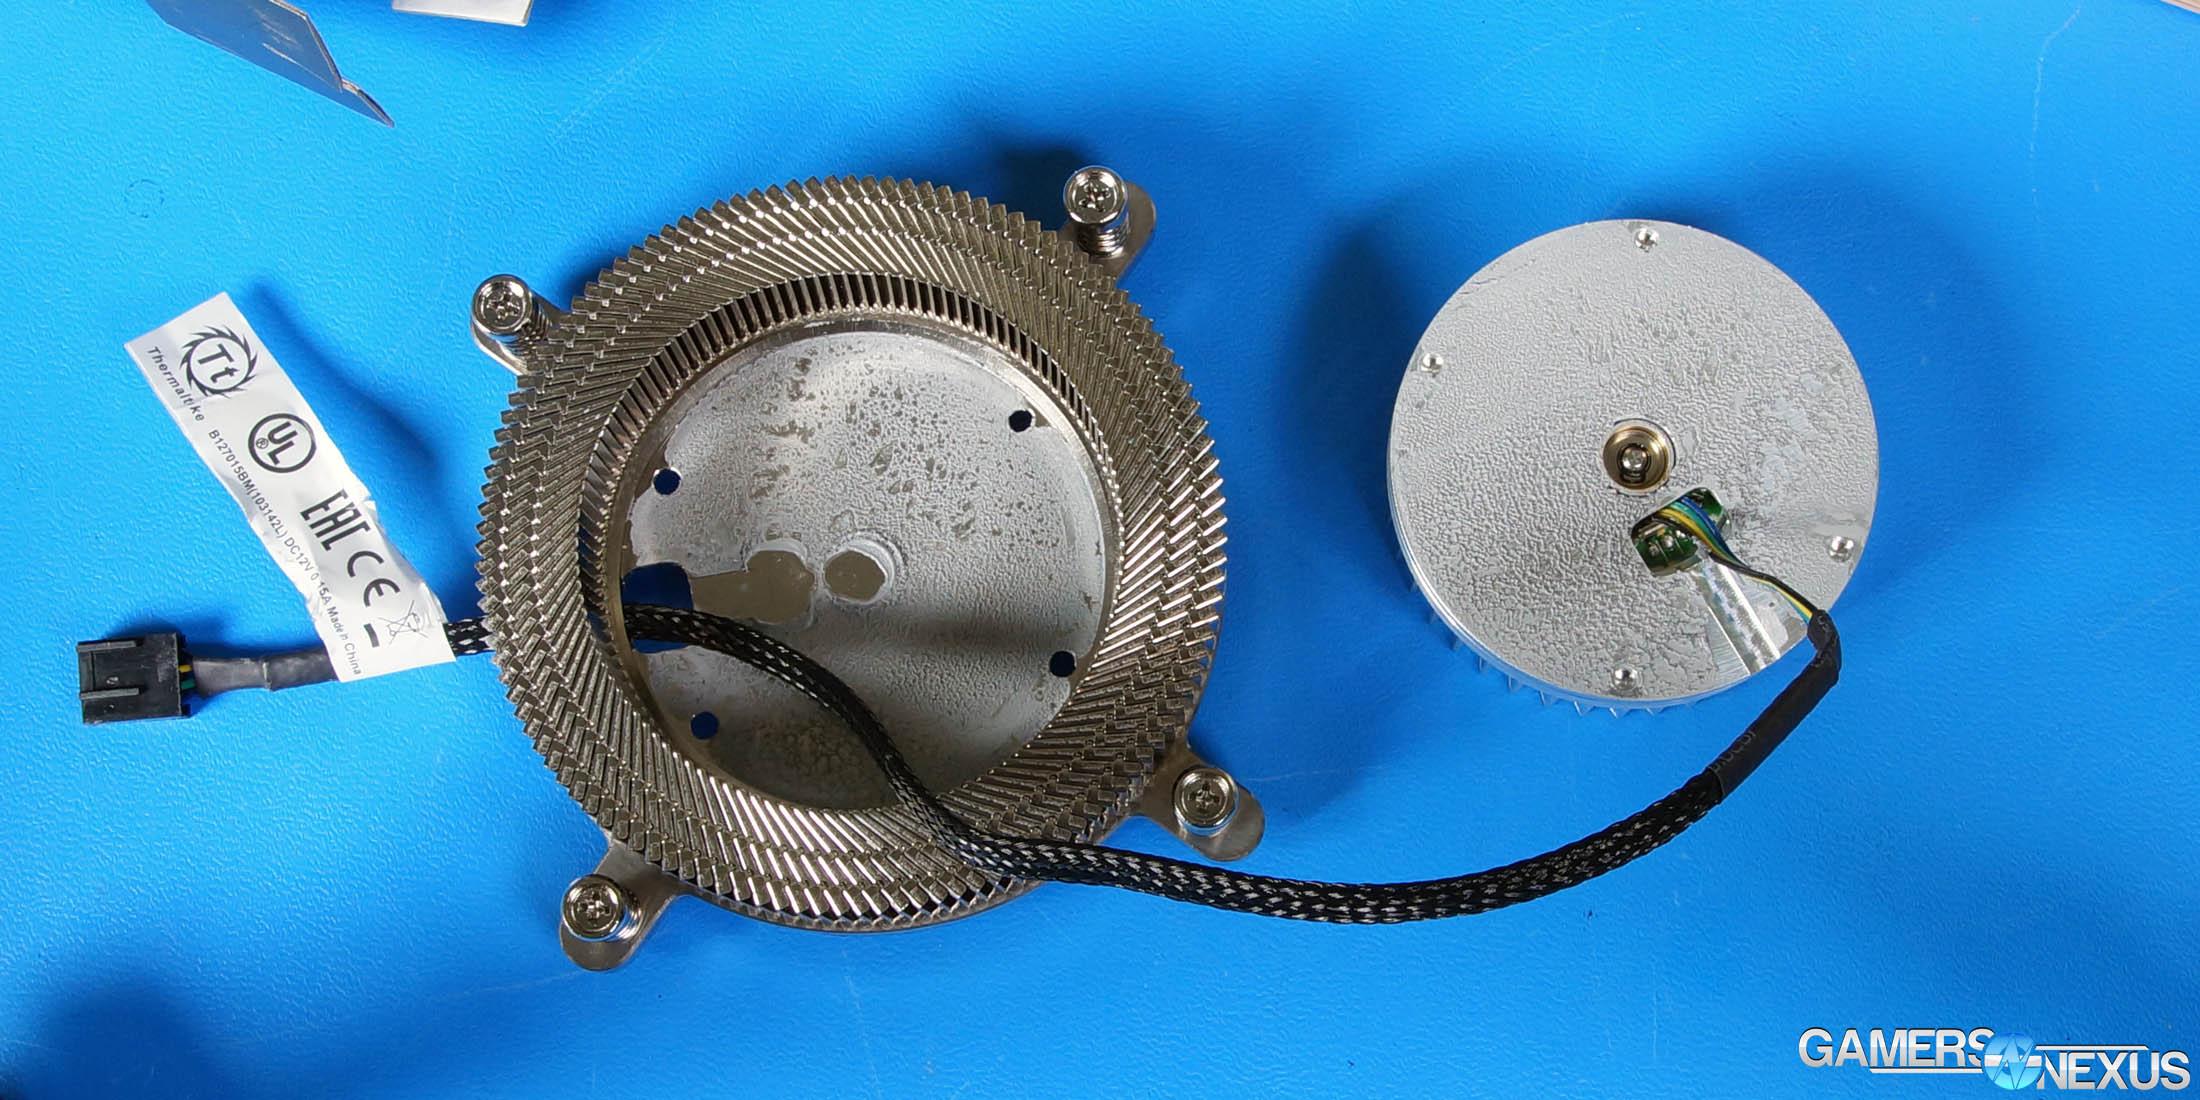 Thermaltake Engine 27 Review Vs Cryorig C7 Amp Nt08 115xp